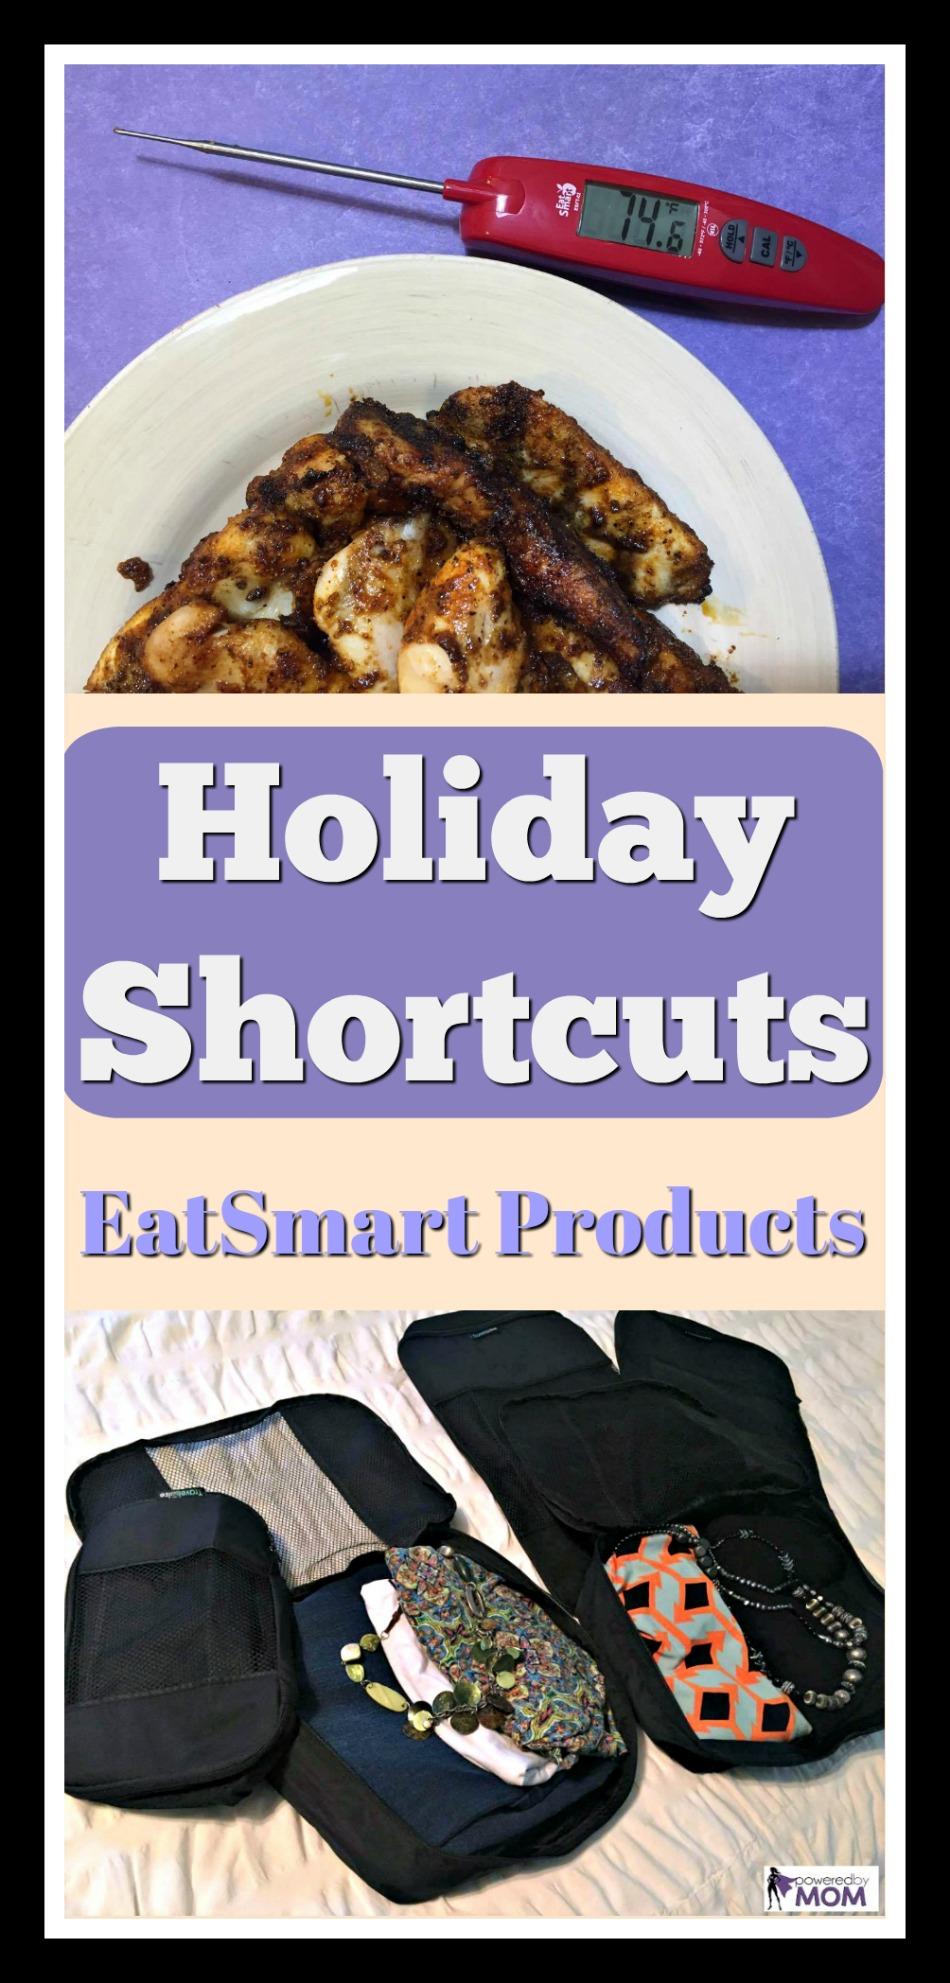 Holiday Shortcuts